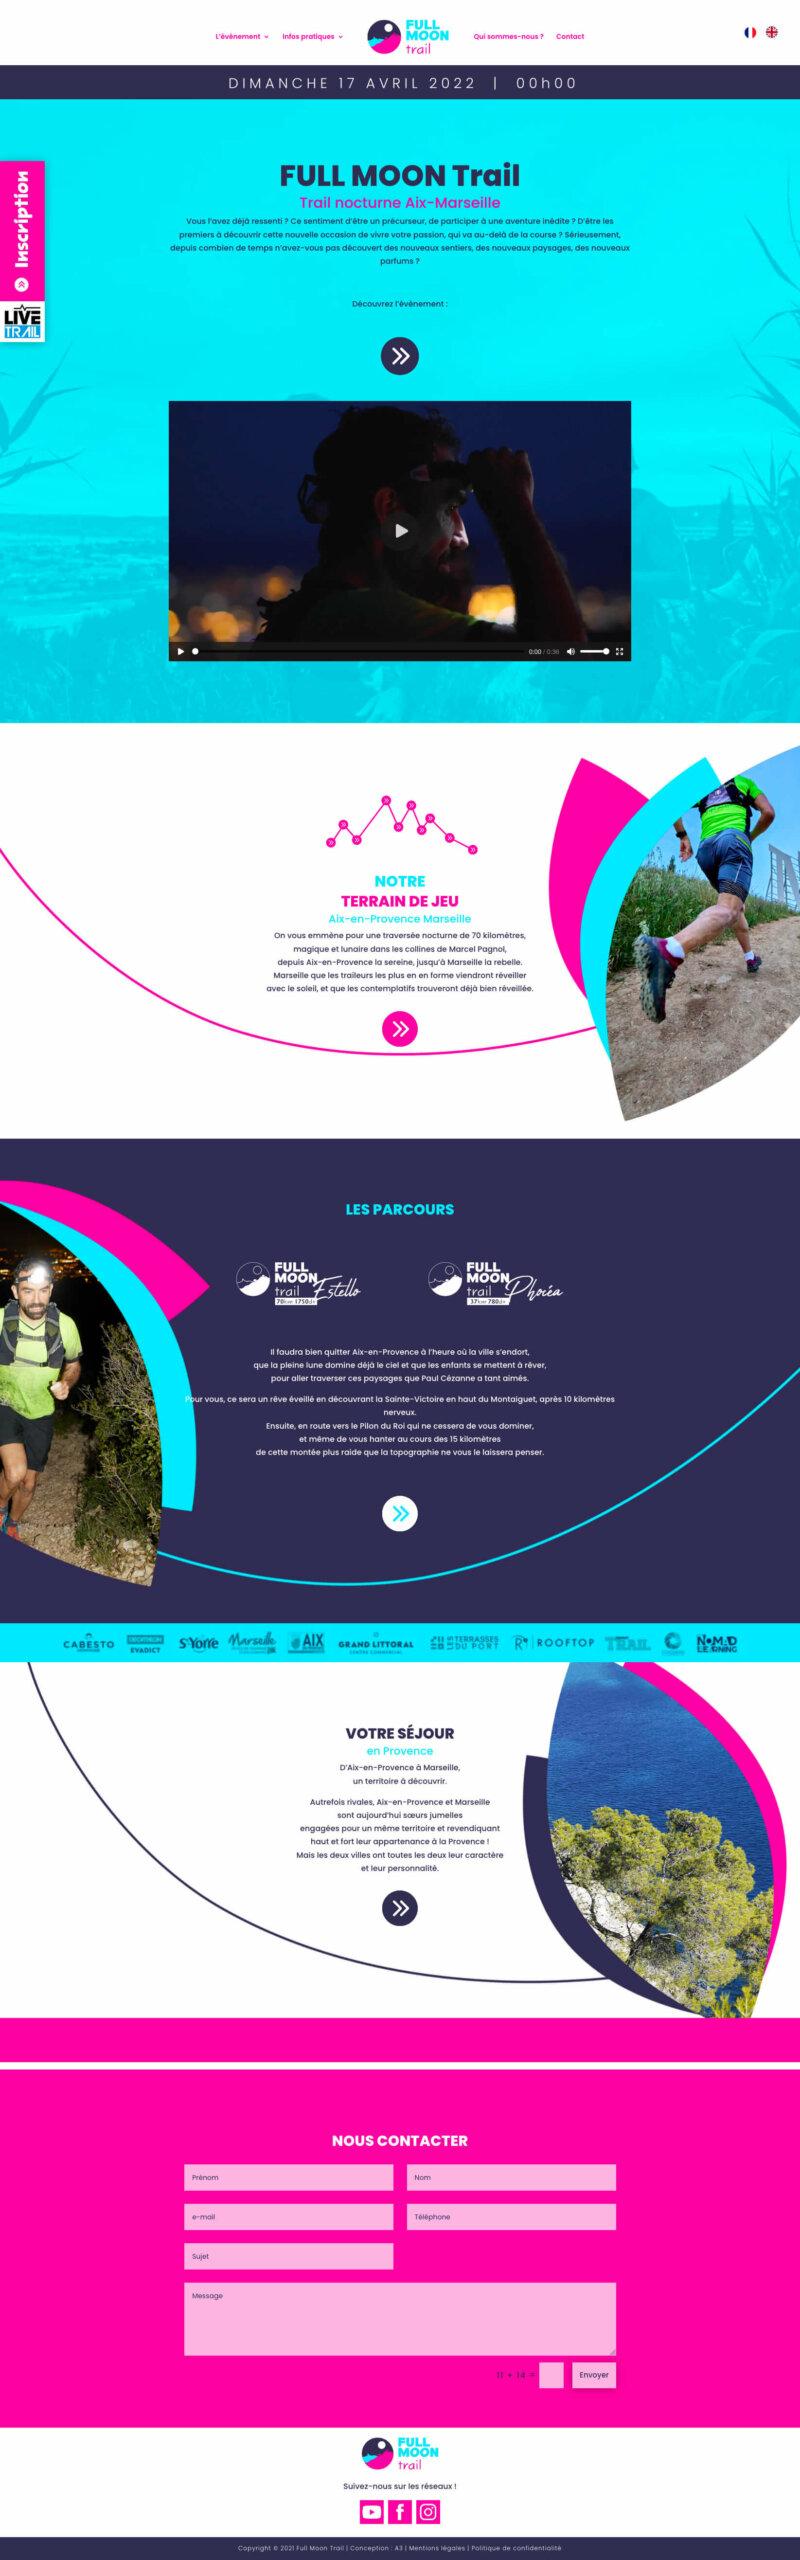 Création de site internet FULL MOON Trail